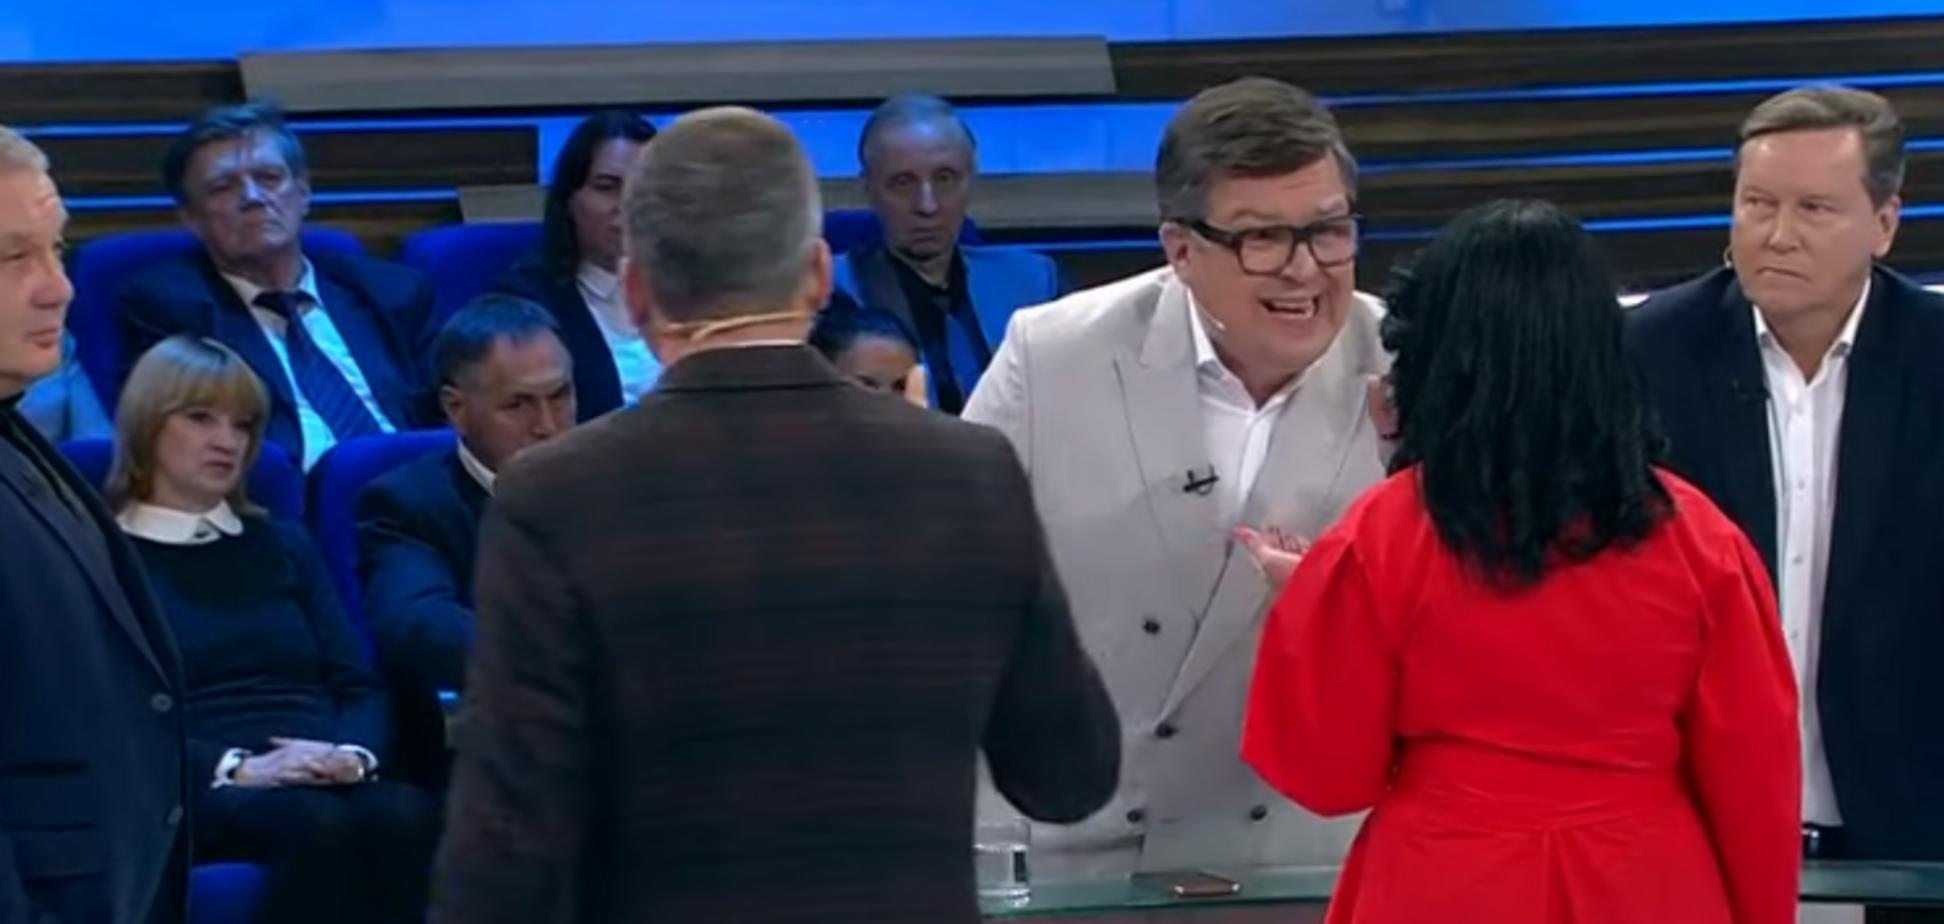 Скандал на российском телевидении